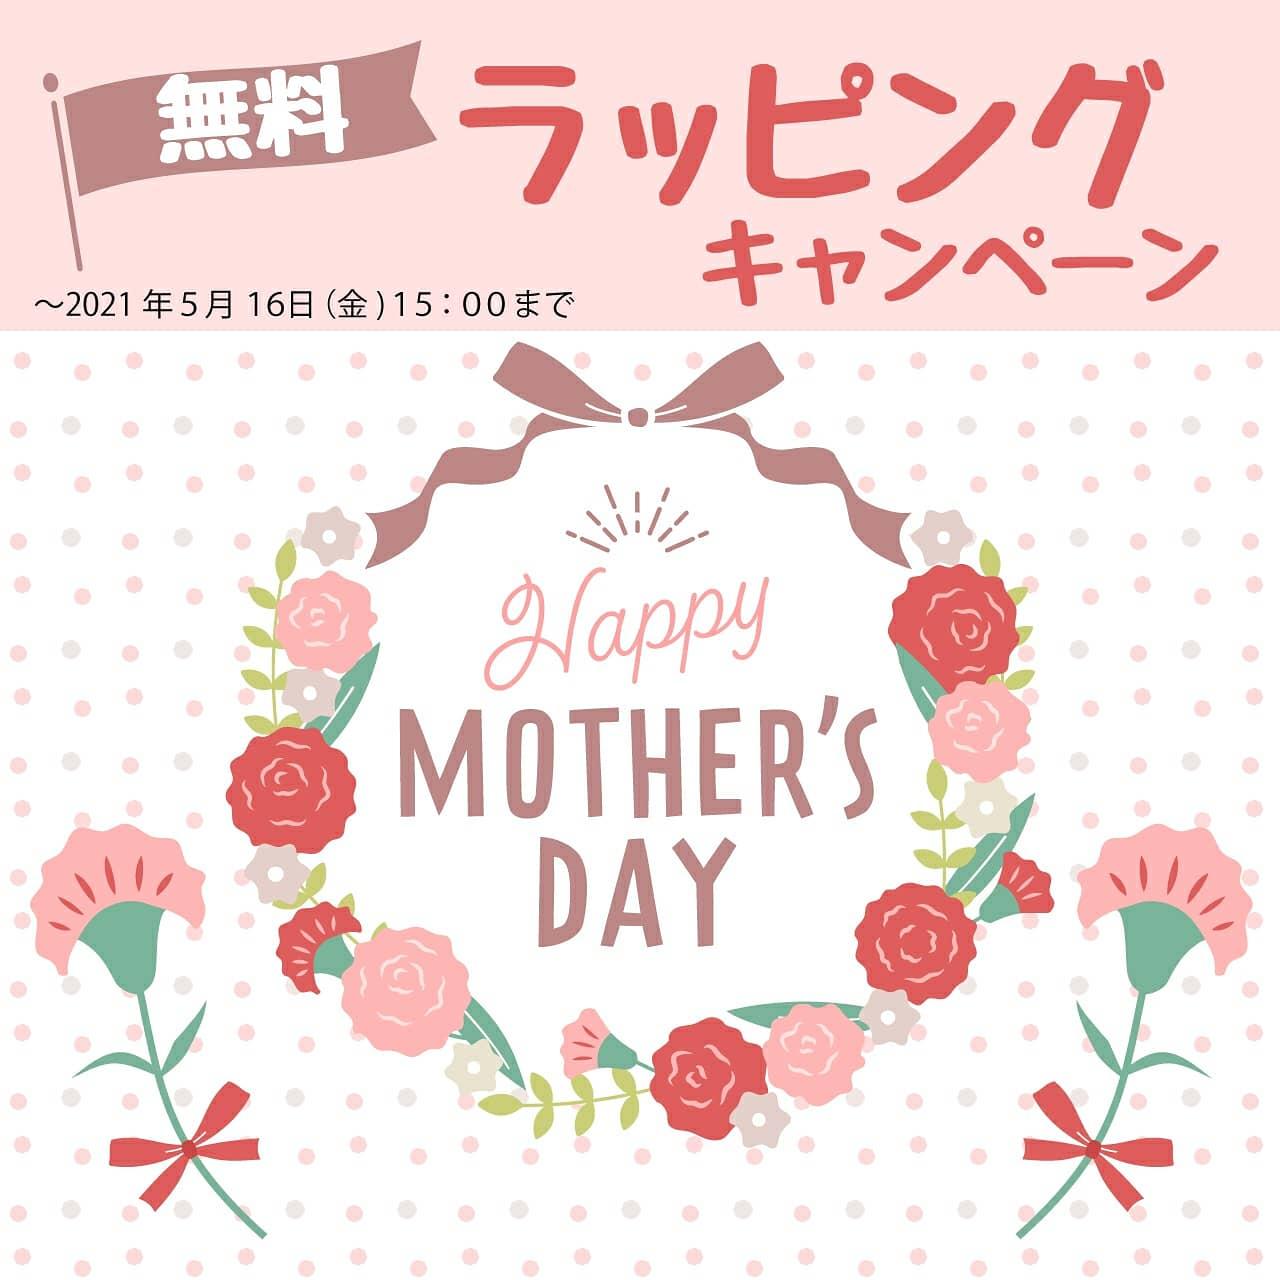 母の日❀無料ラッピングキャンペーン‼